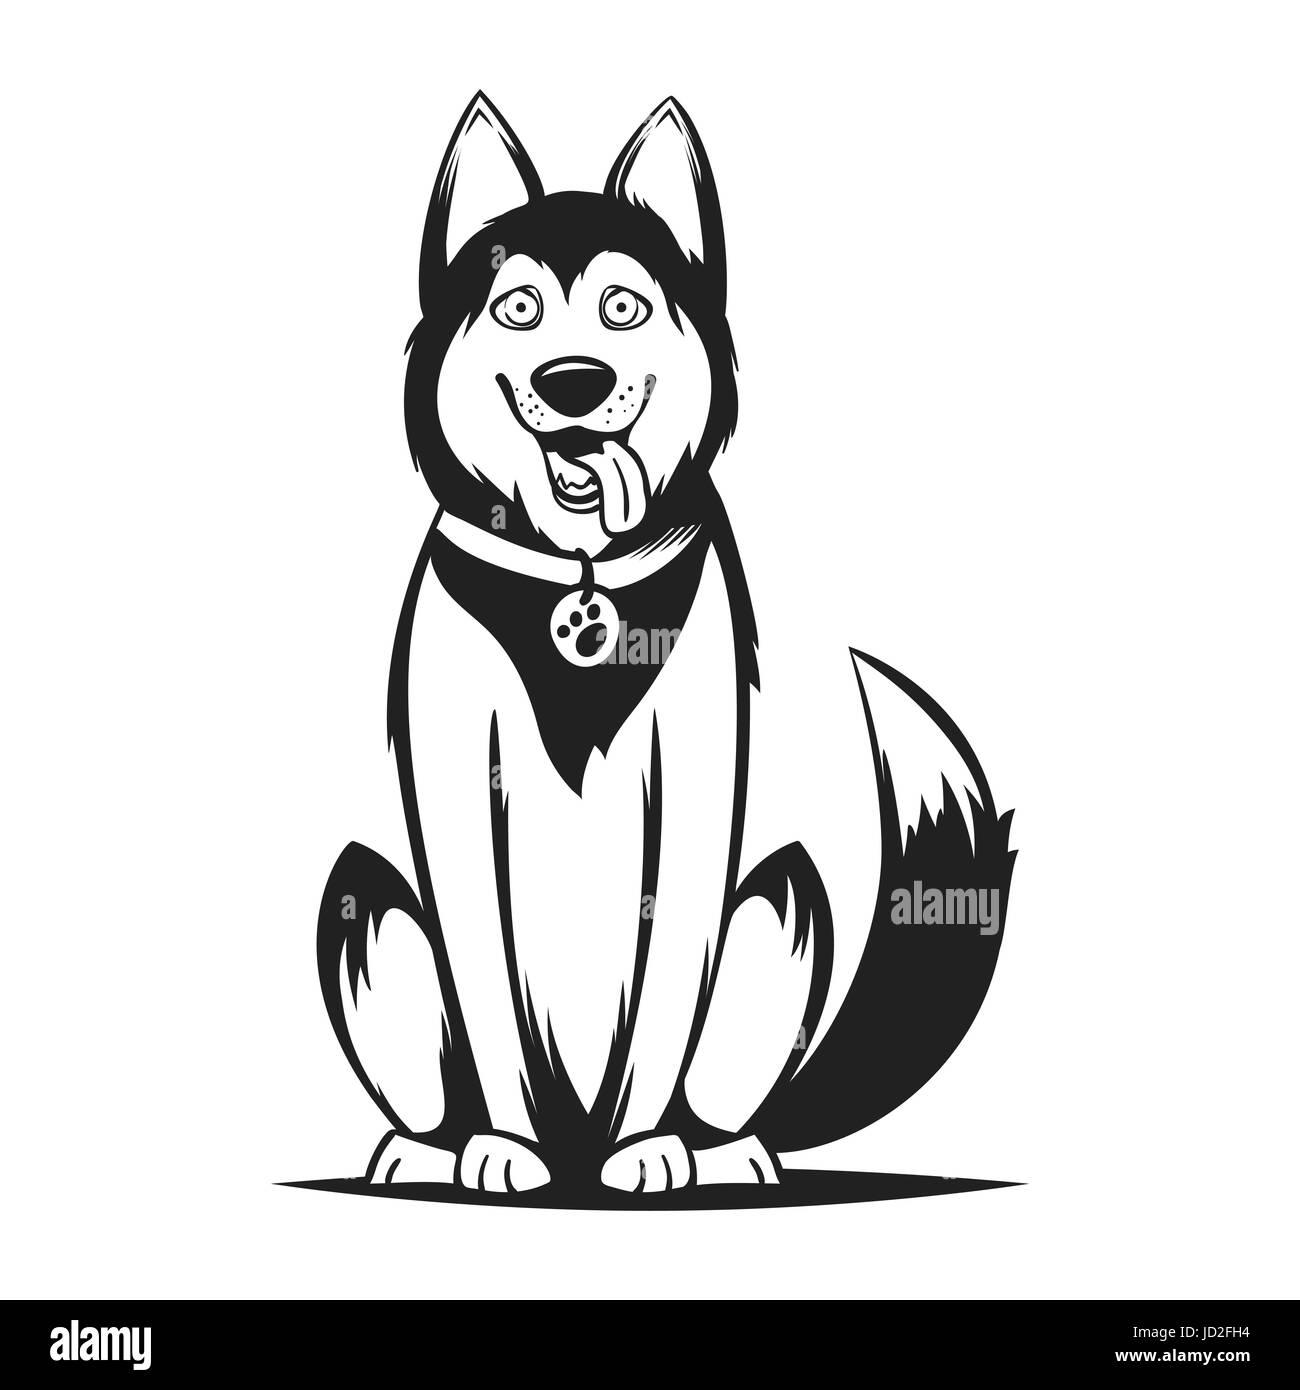 Vector monochrome illustration of husky dog. Isolated on white background. - Stock Image